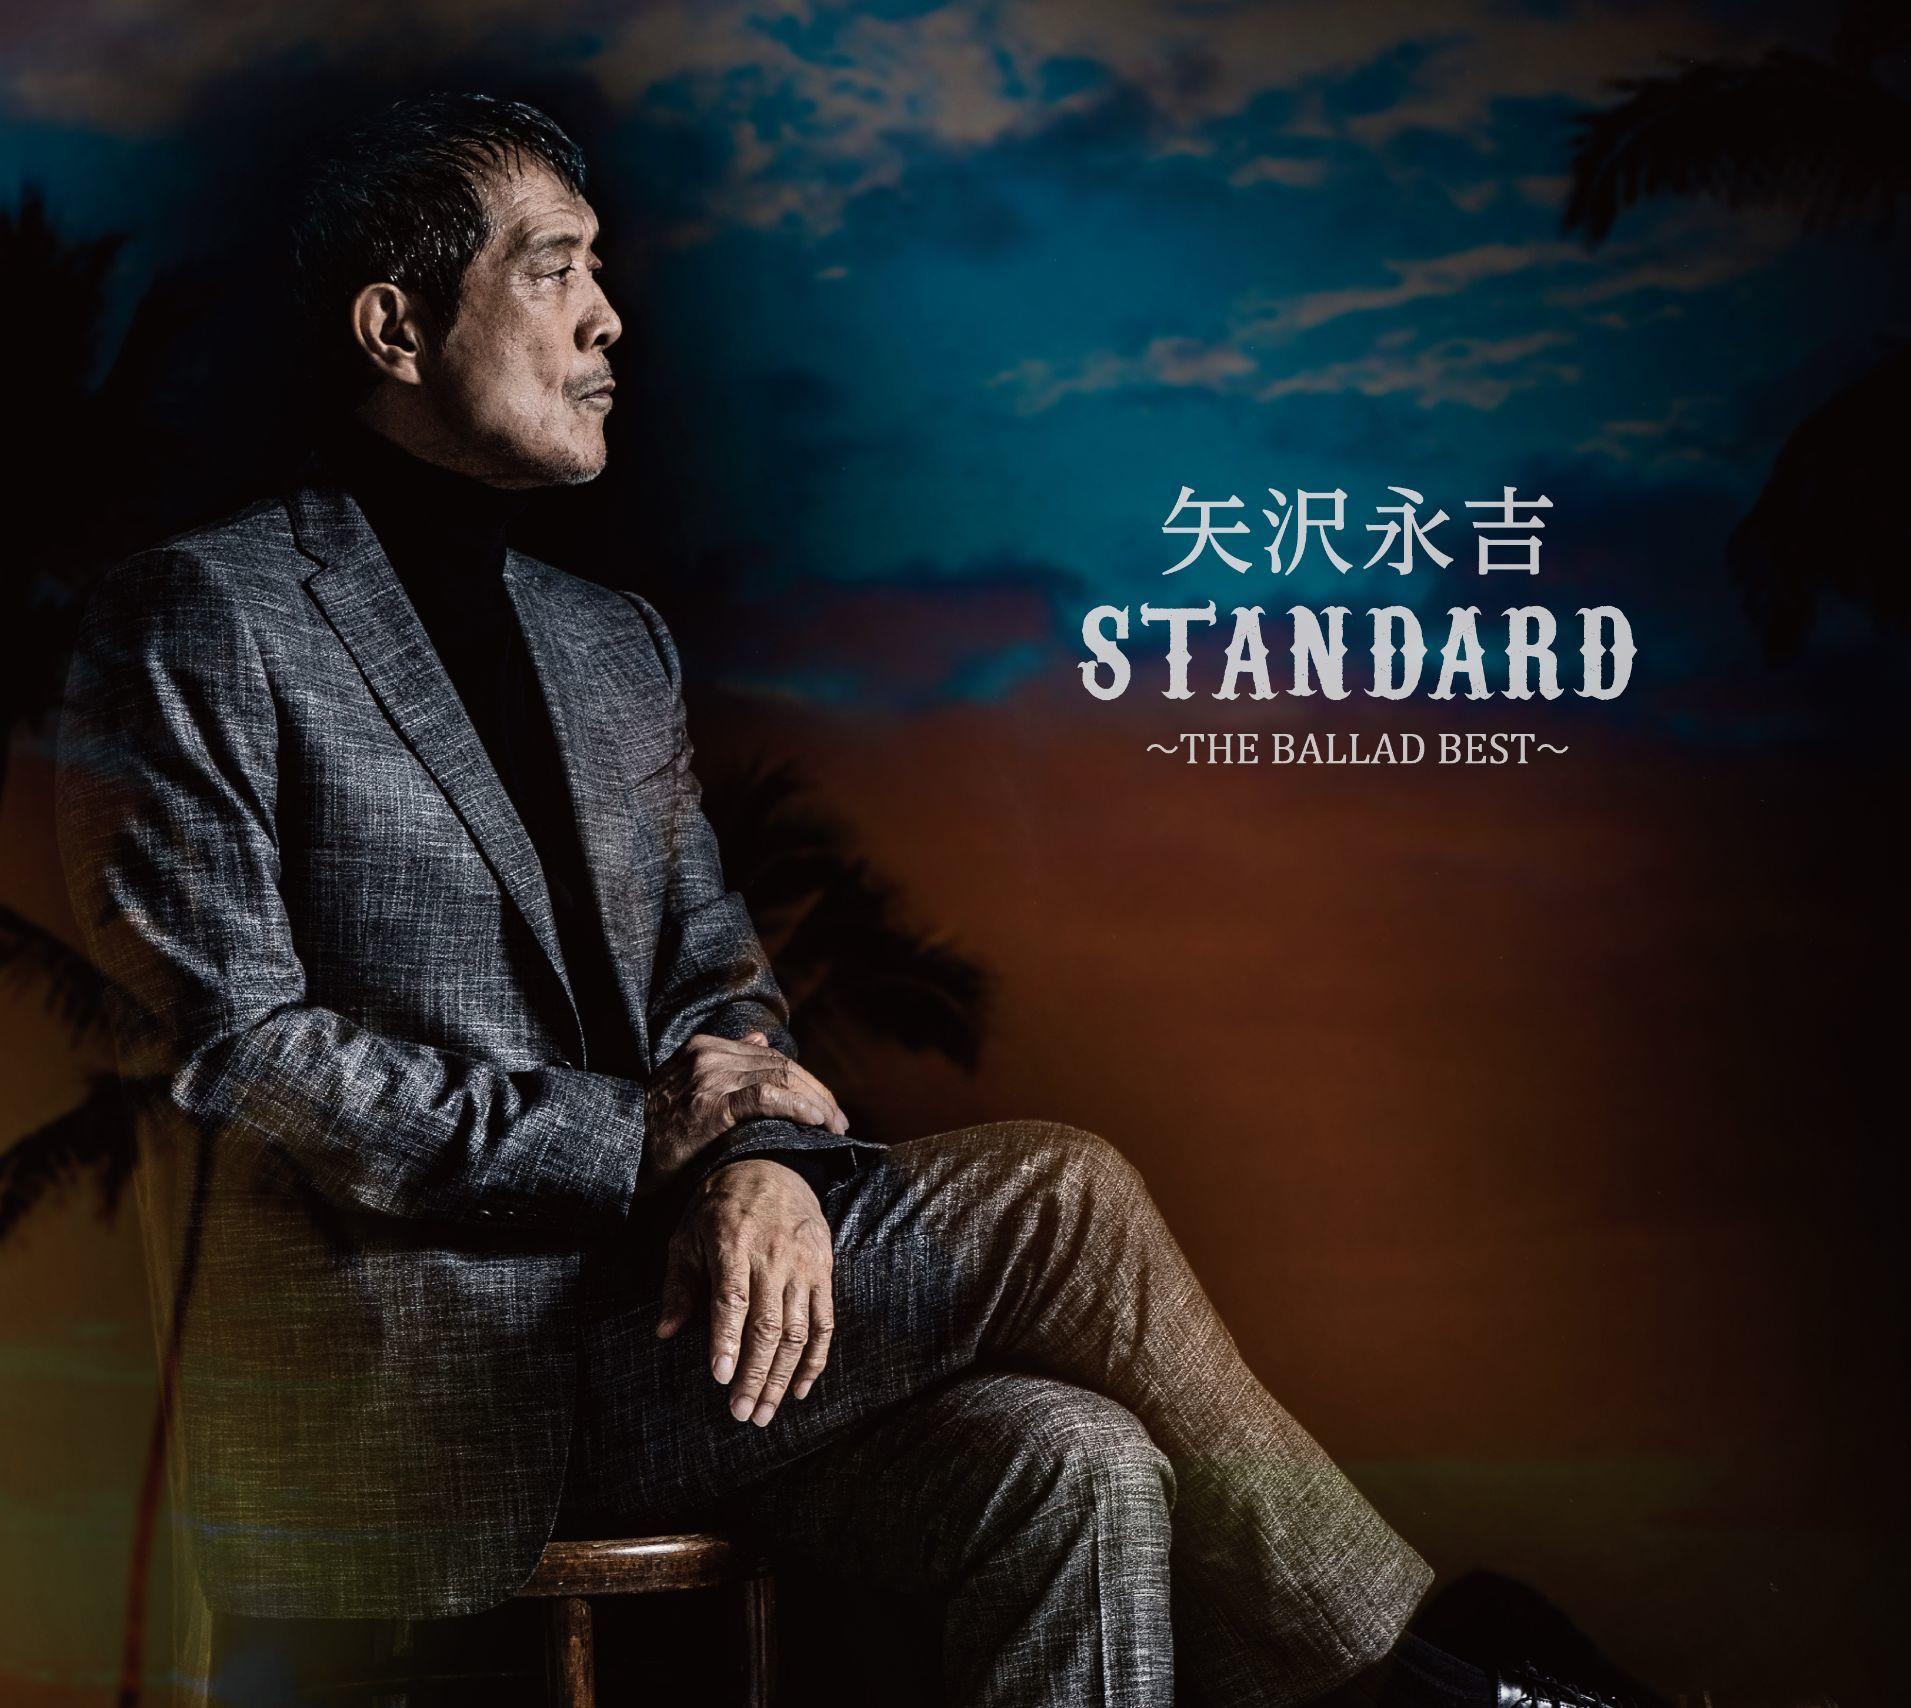 バラードベストアルバム『STANDARD 〜THE BALLAD BEST〜』